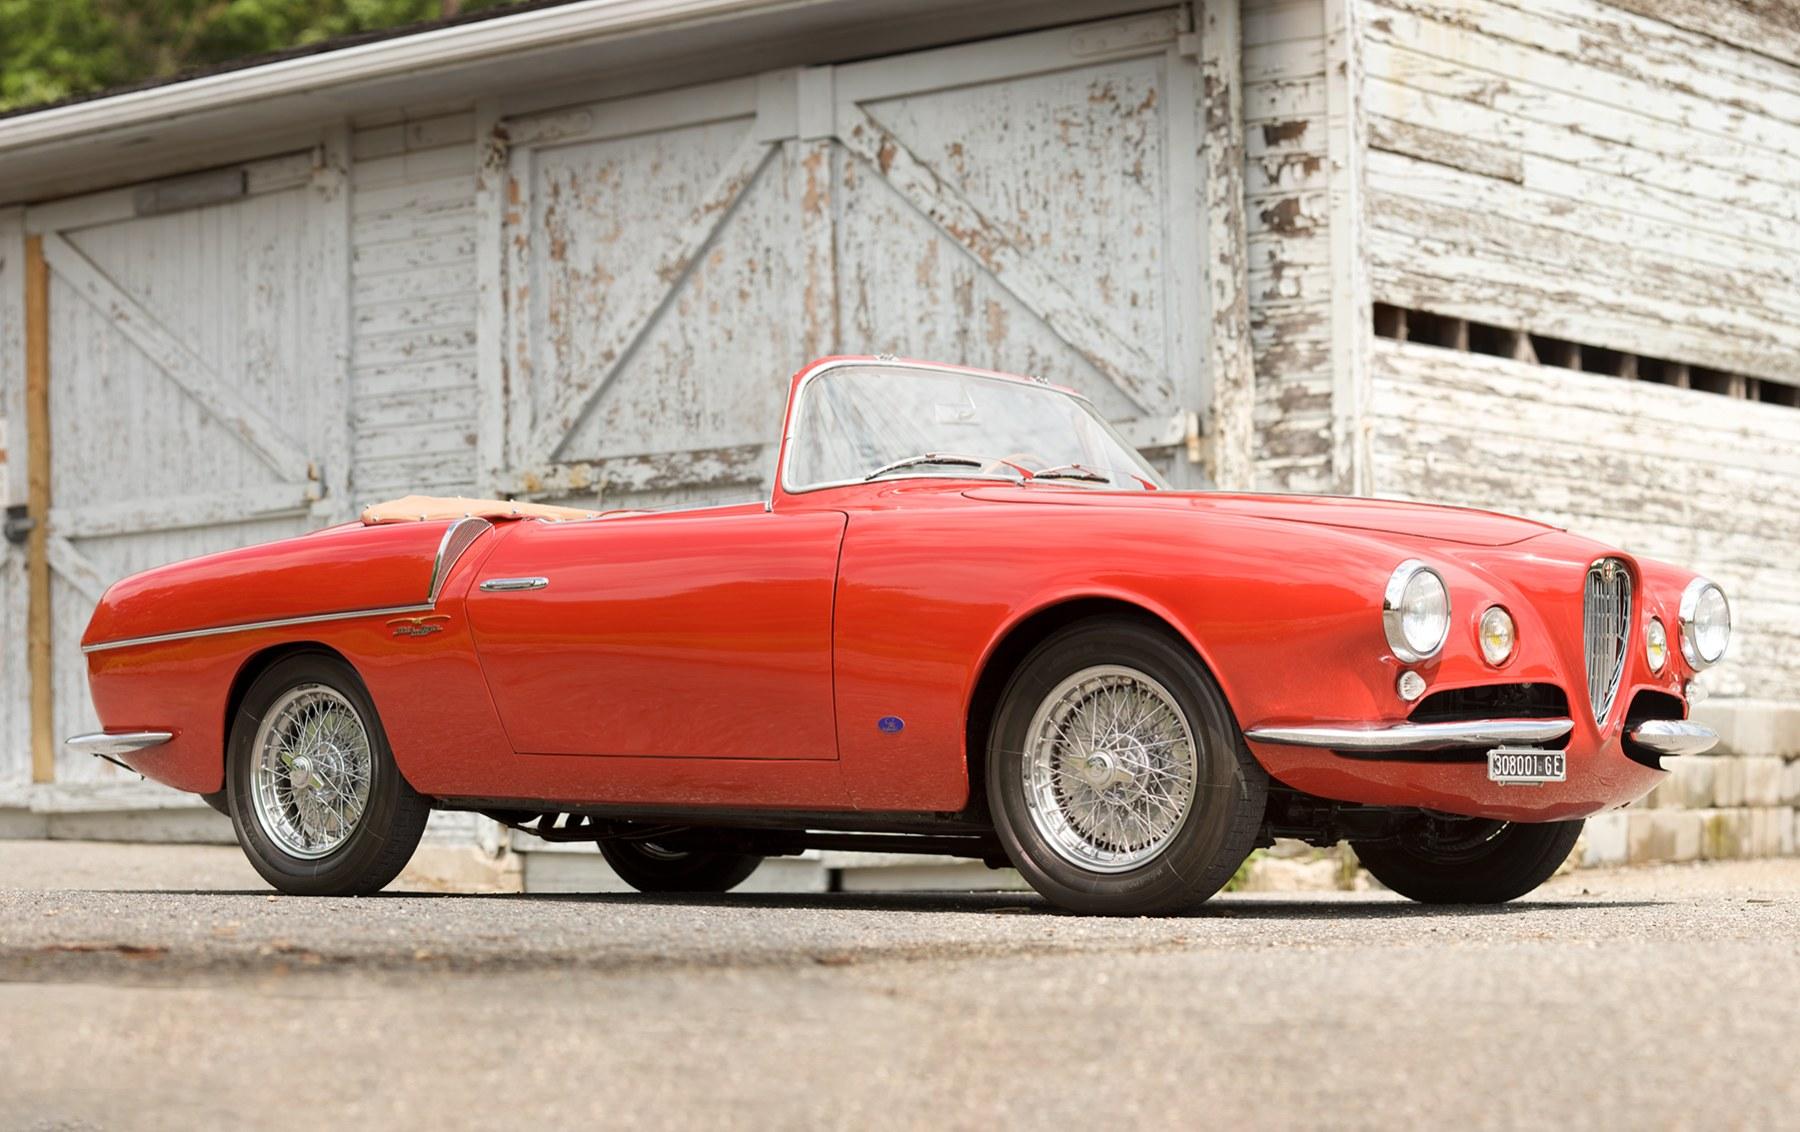 1955 Alfa Romeo 1900 Super Sprint Cabriolet